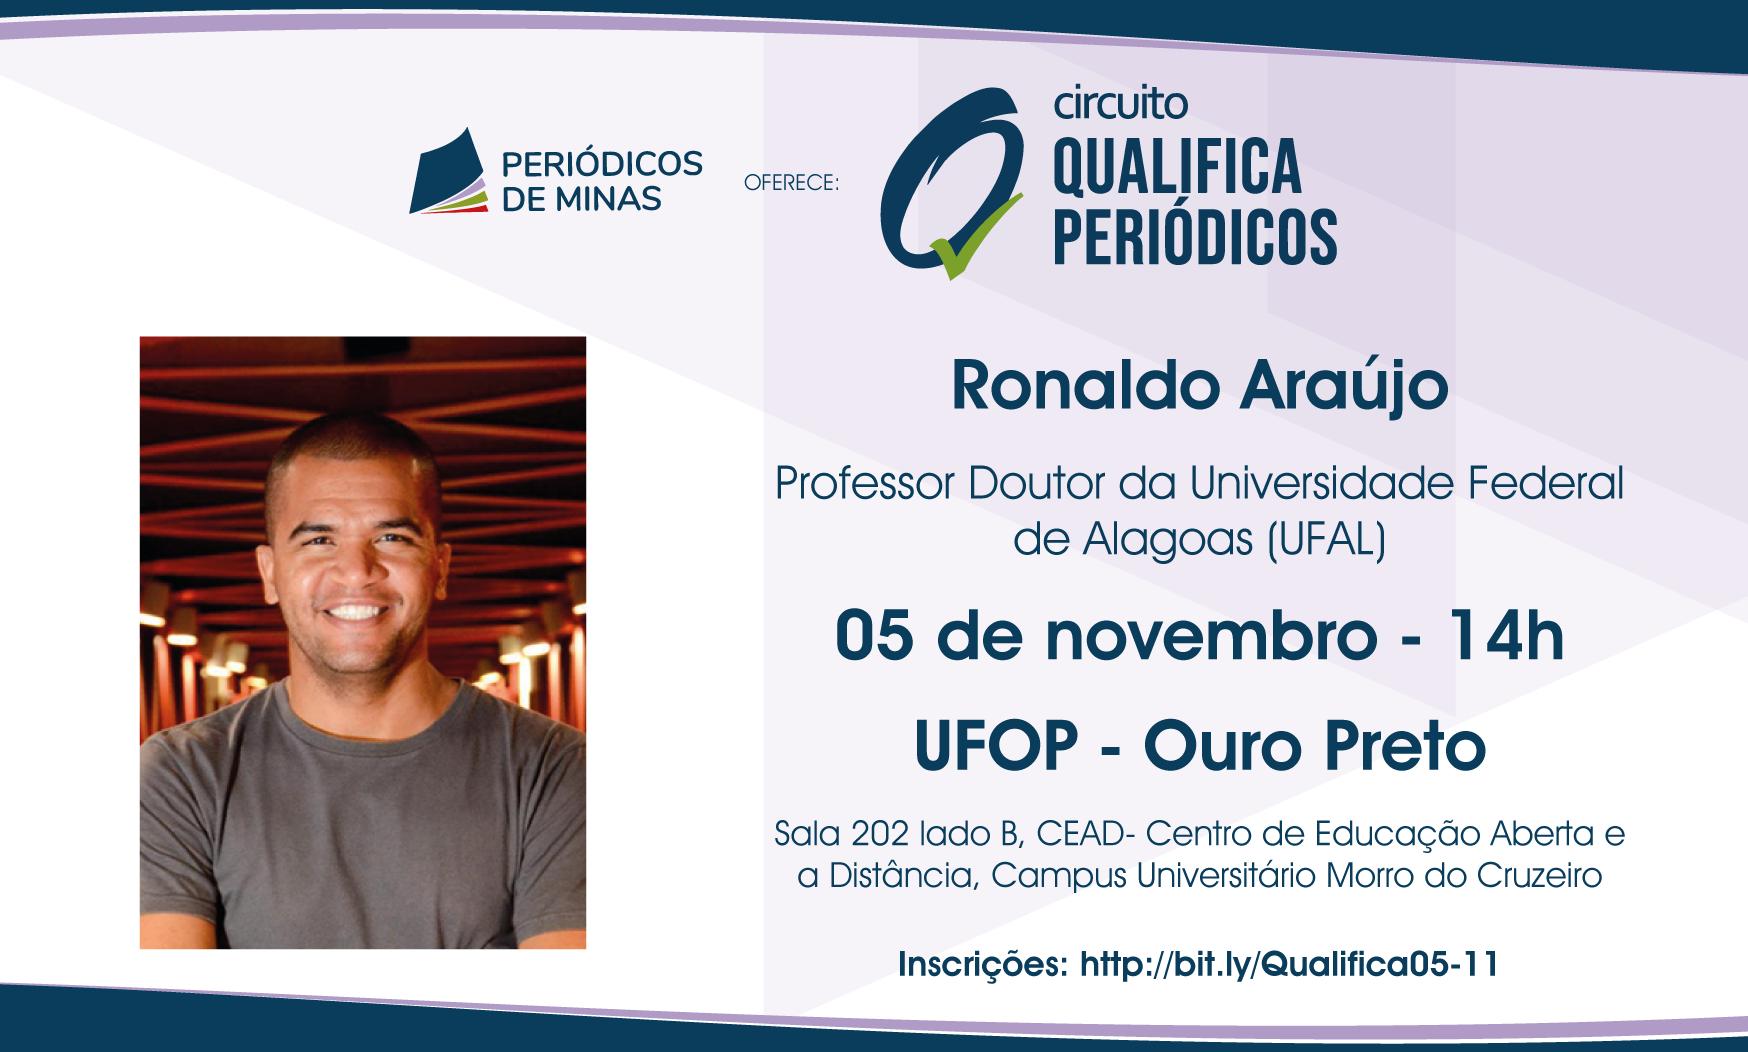 Inscrições Para Palestra Com Ronaldo Araújo Em Ouro Preto No Circuito Qualifica Periódicos